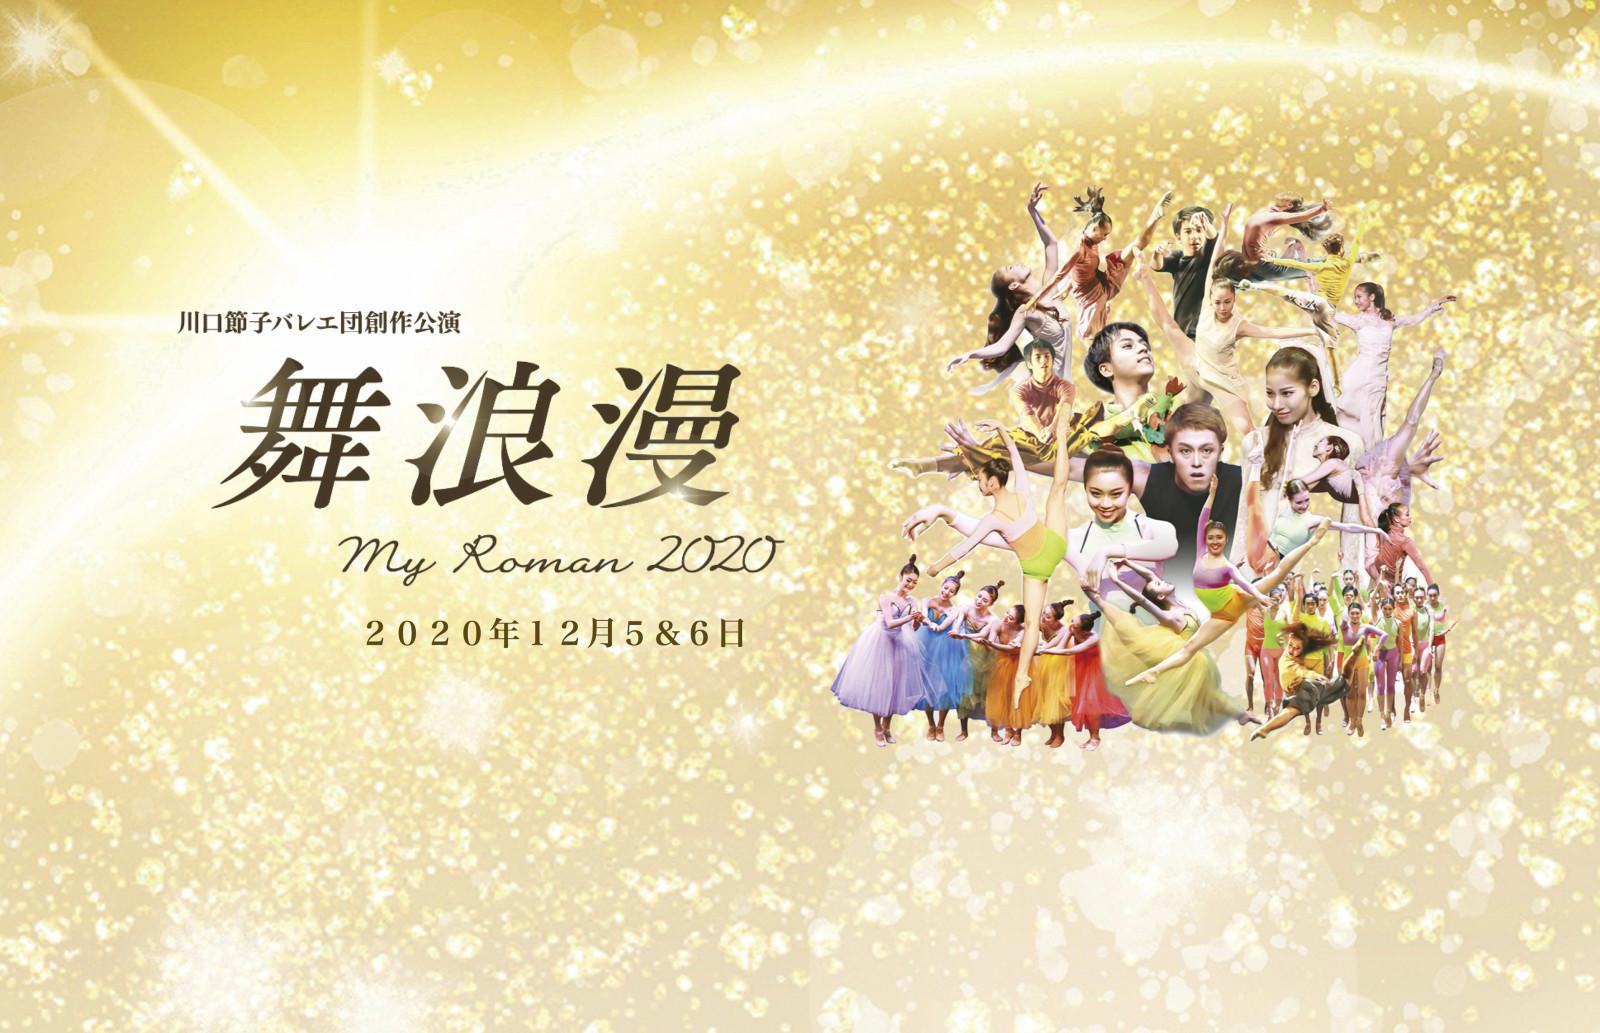 川口節子バレエ団創作公演「舞浪漫-My roman 2020-」メインヴィジュアル 写真:和光